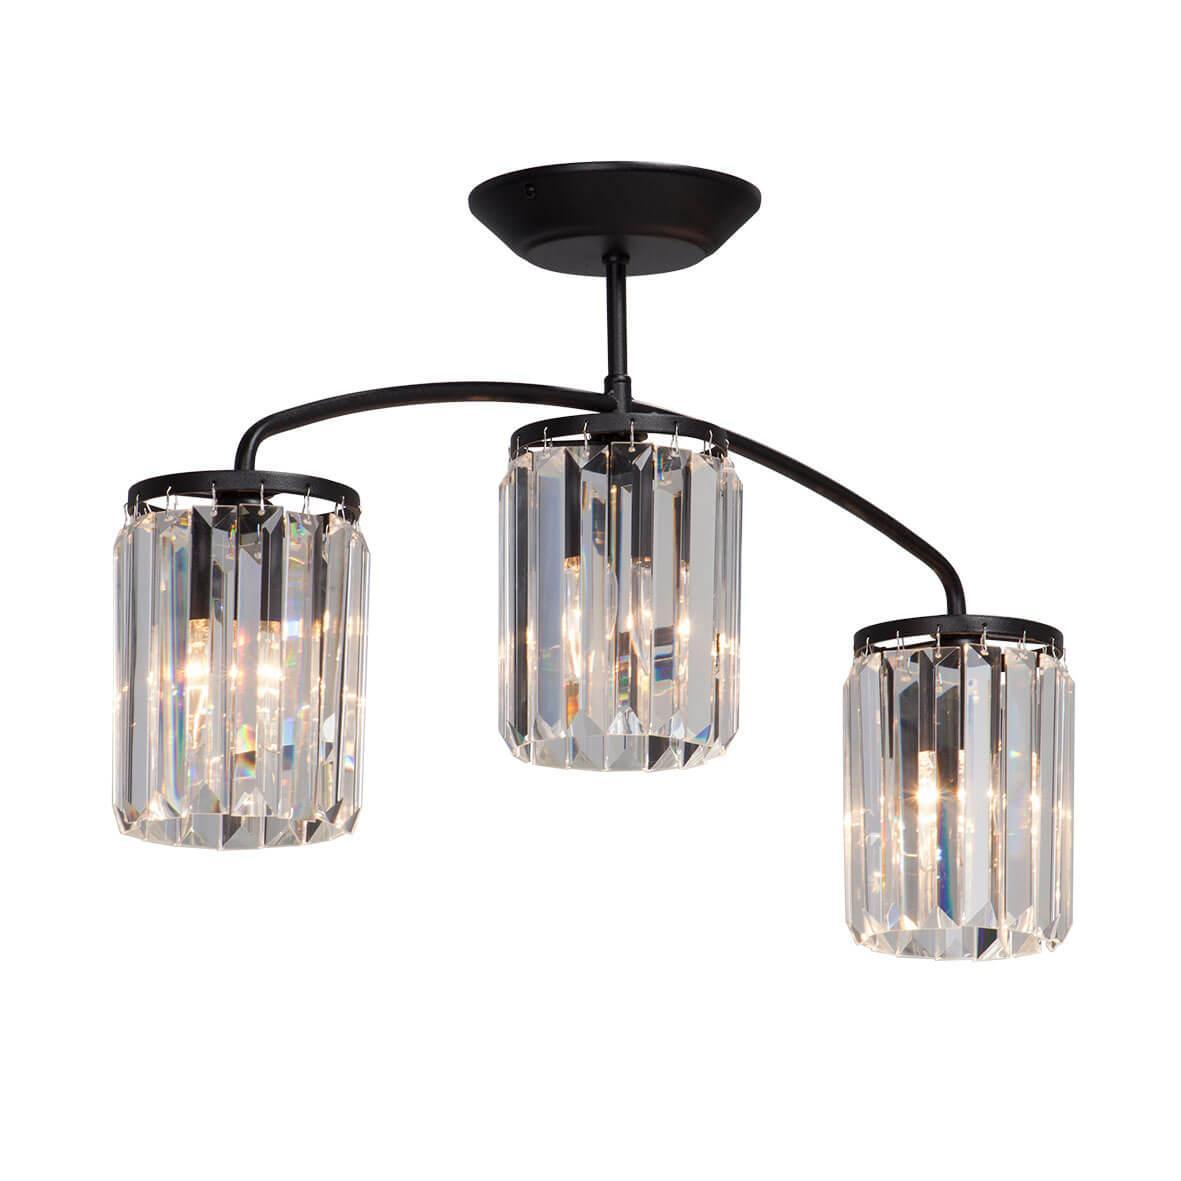 Потолочный светильник Vitaluce V5204-1/3PL, E14, 60 Вт недорго, оригинальная цена